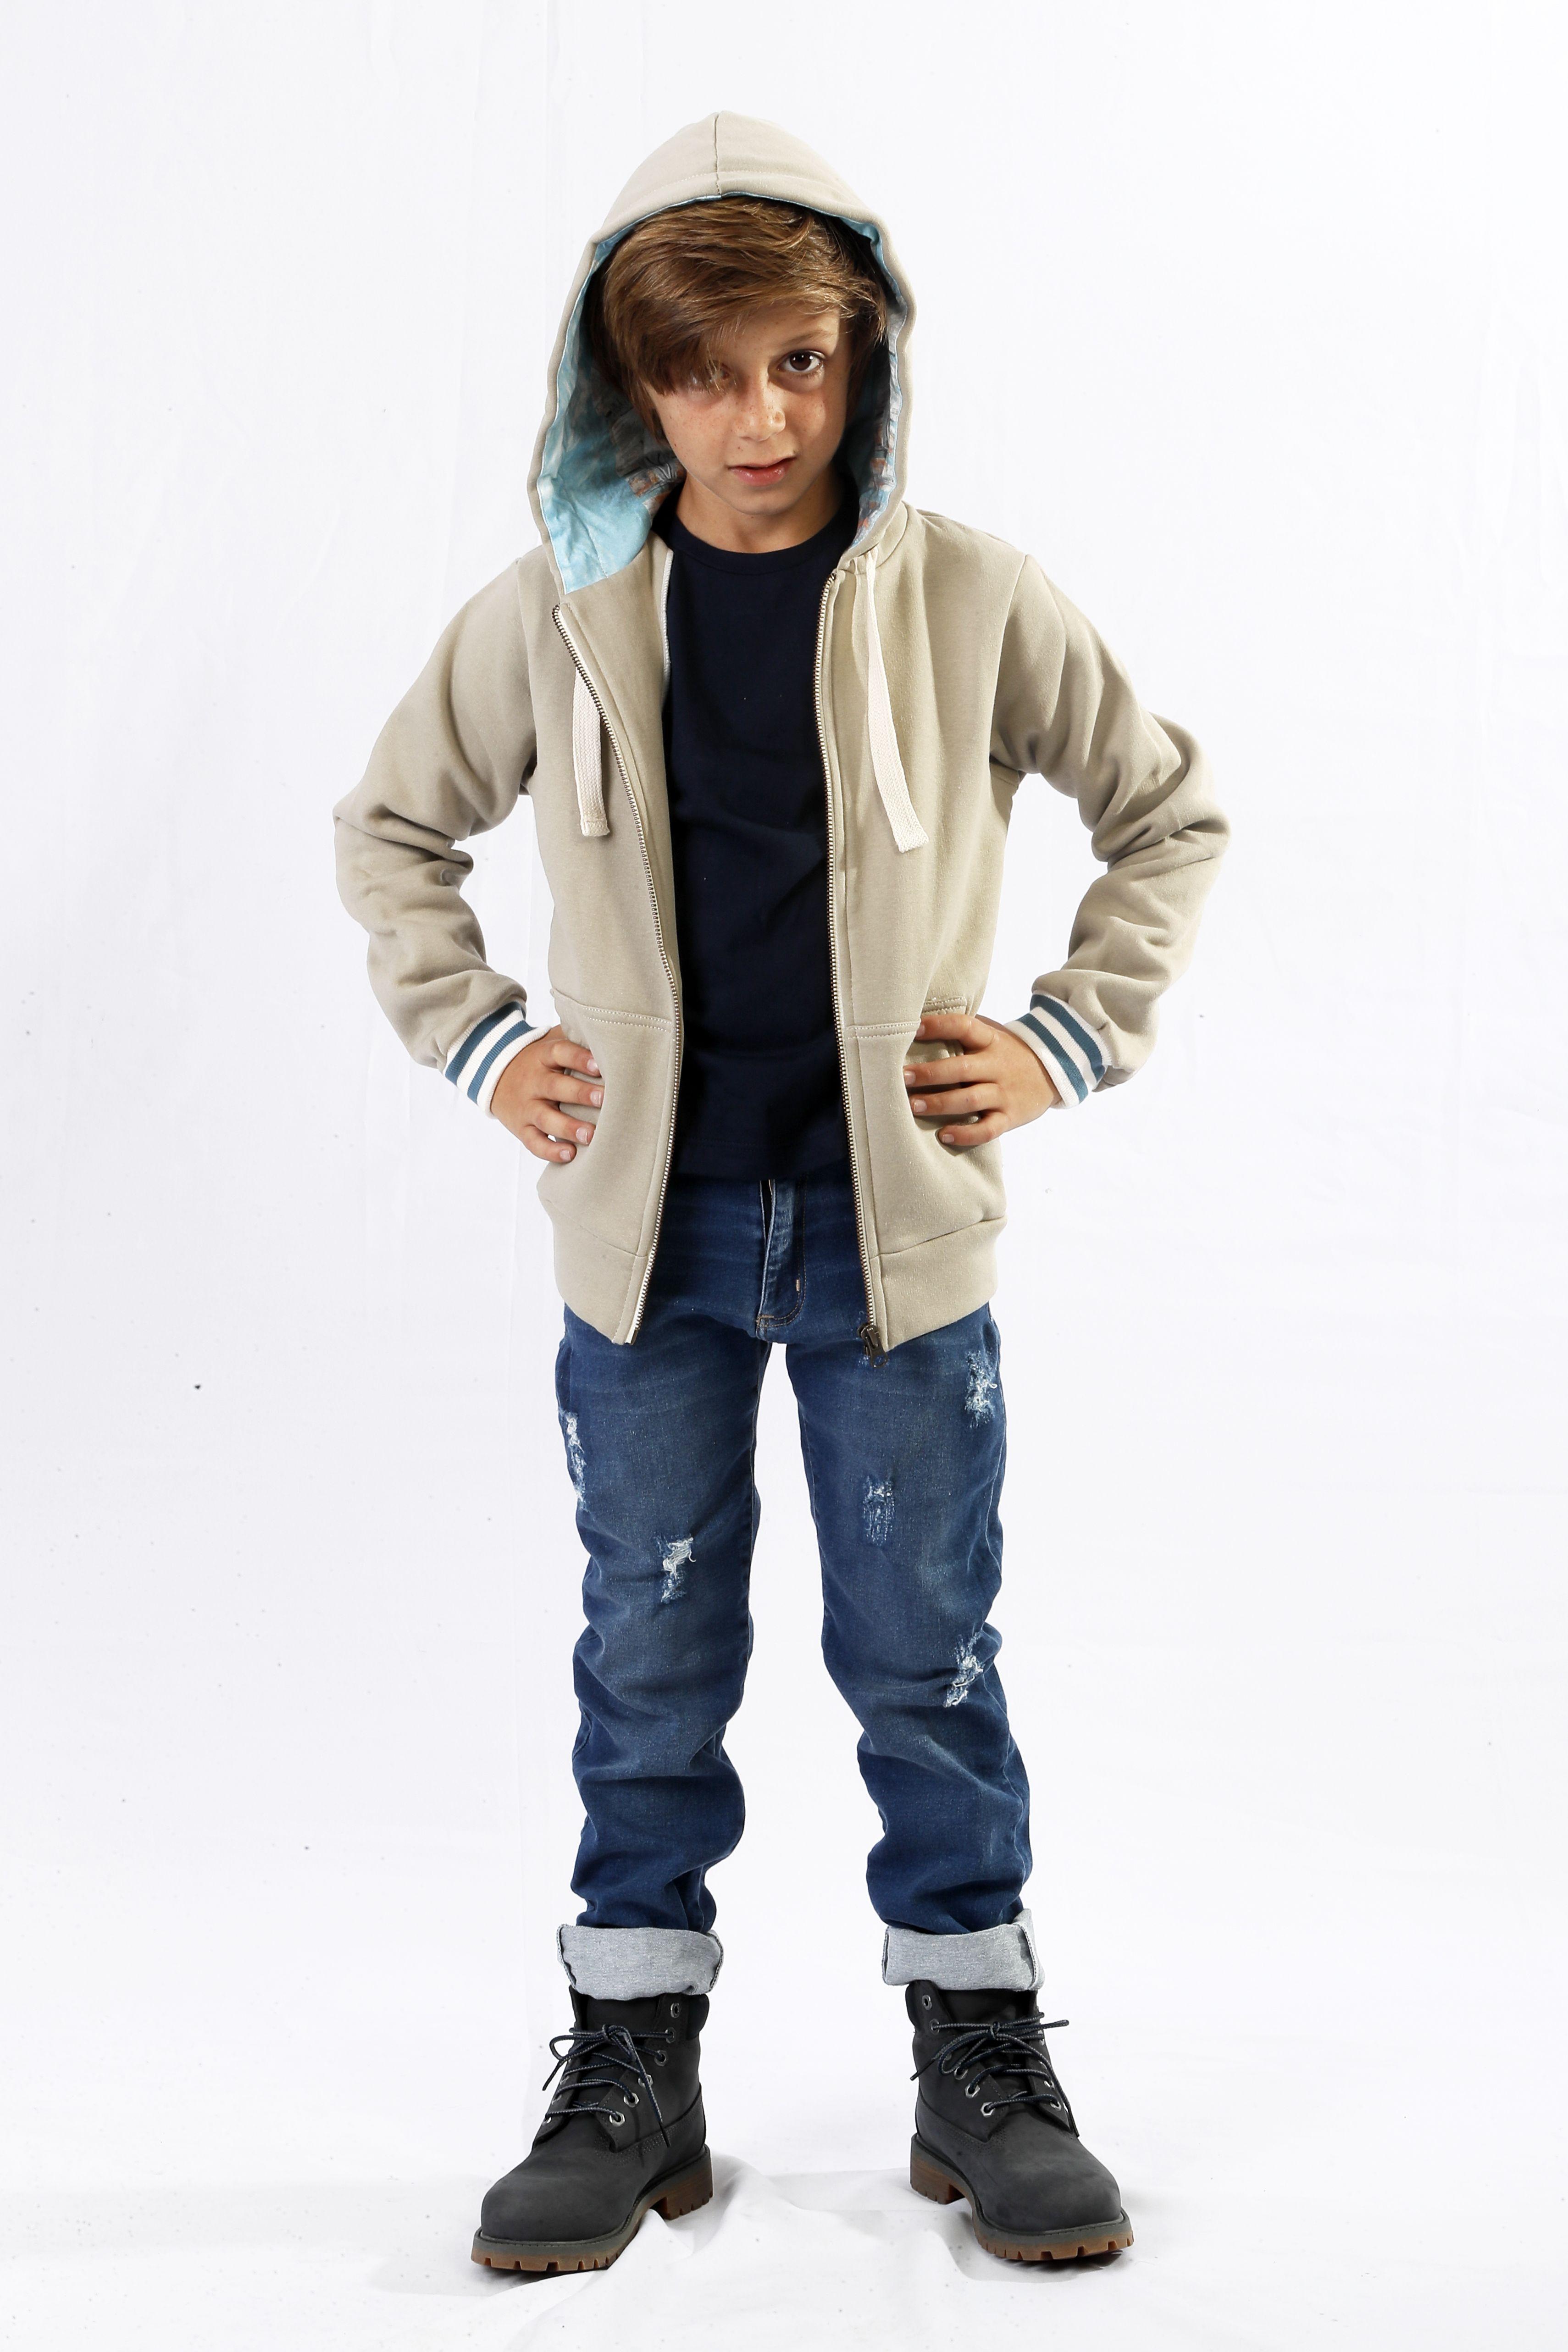 515ad5d50 Ropa de niños   niñas 4 a 12 años Stai Zitta Moda Lookbook canguro invierno